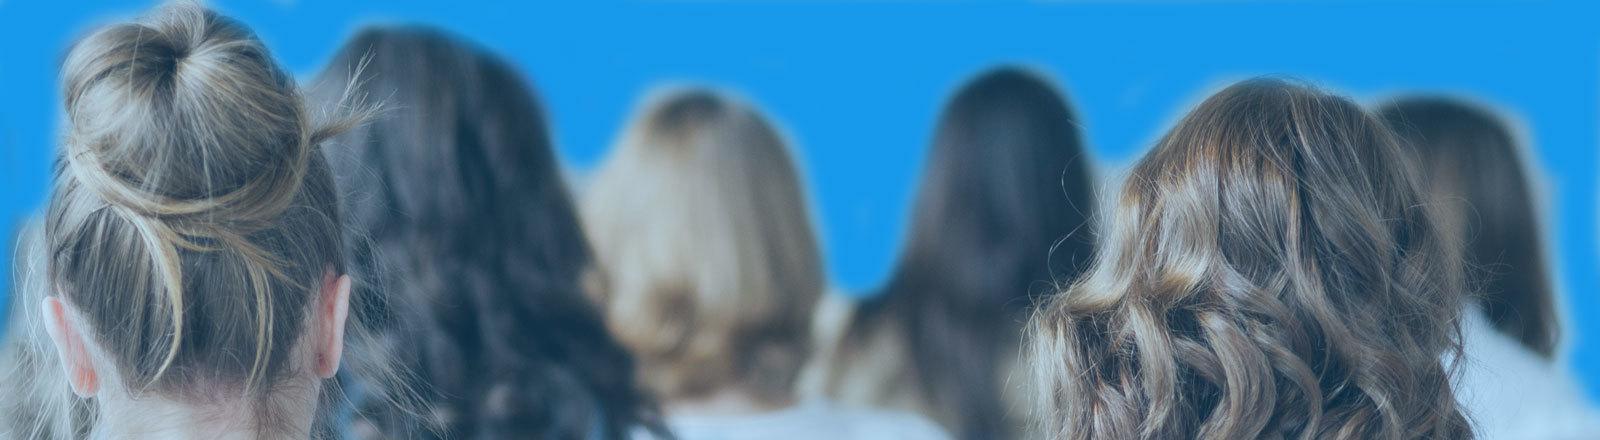 Frauen von hinten mit blauem Hintergrund (Twitter-blau)